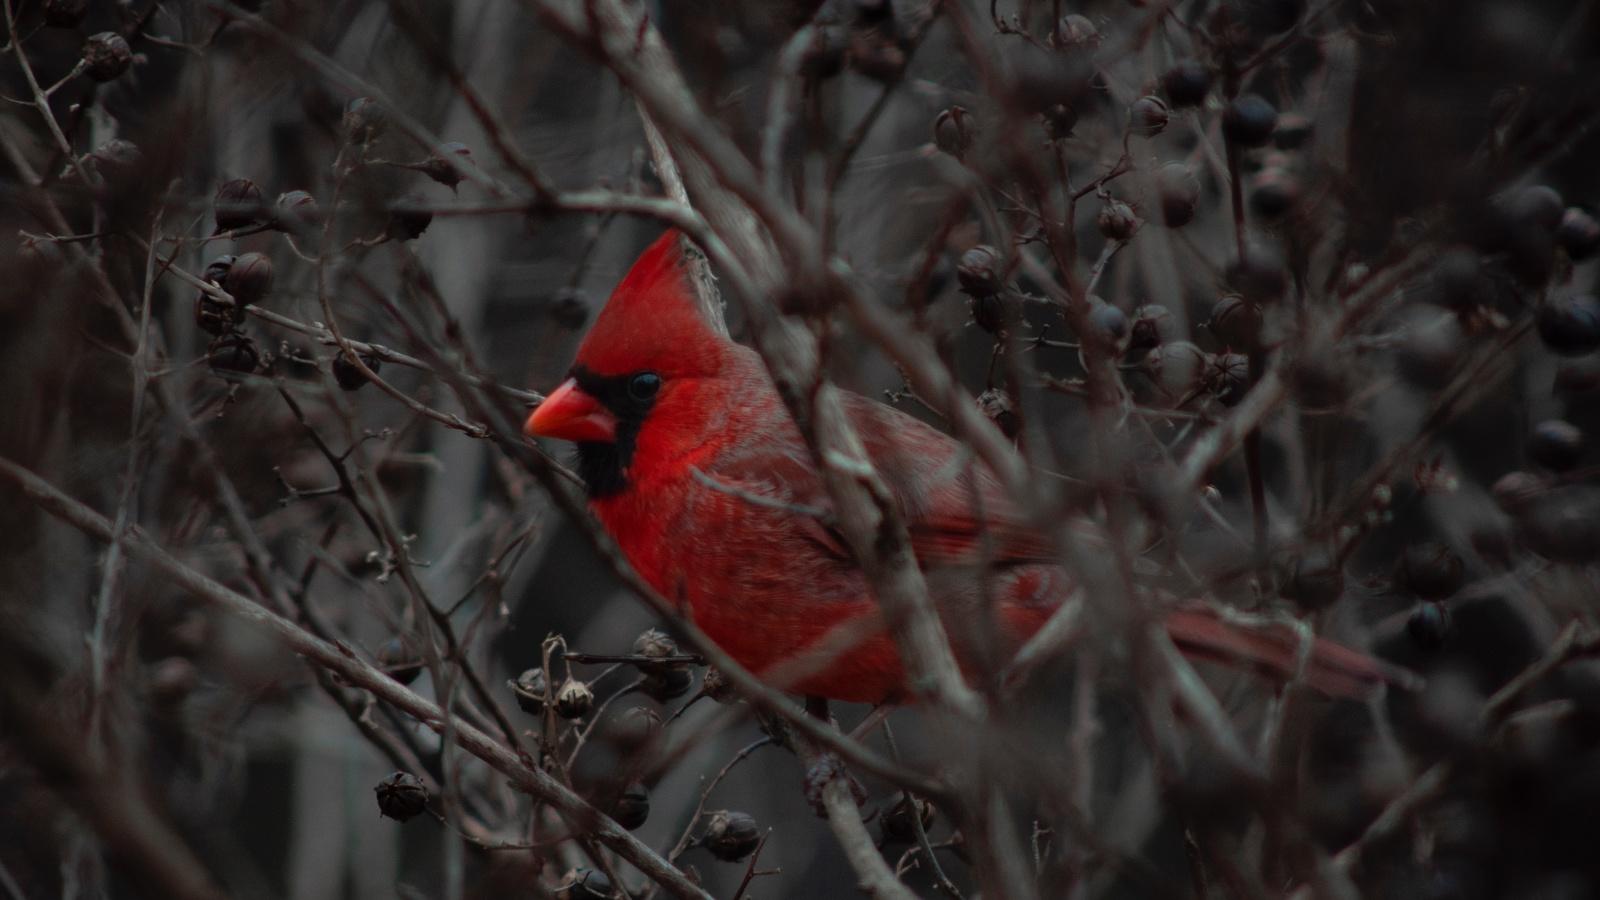 кардинал, птица, ветки, клюв, красный